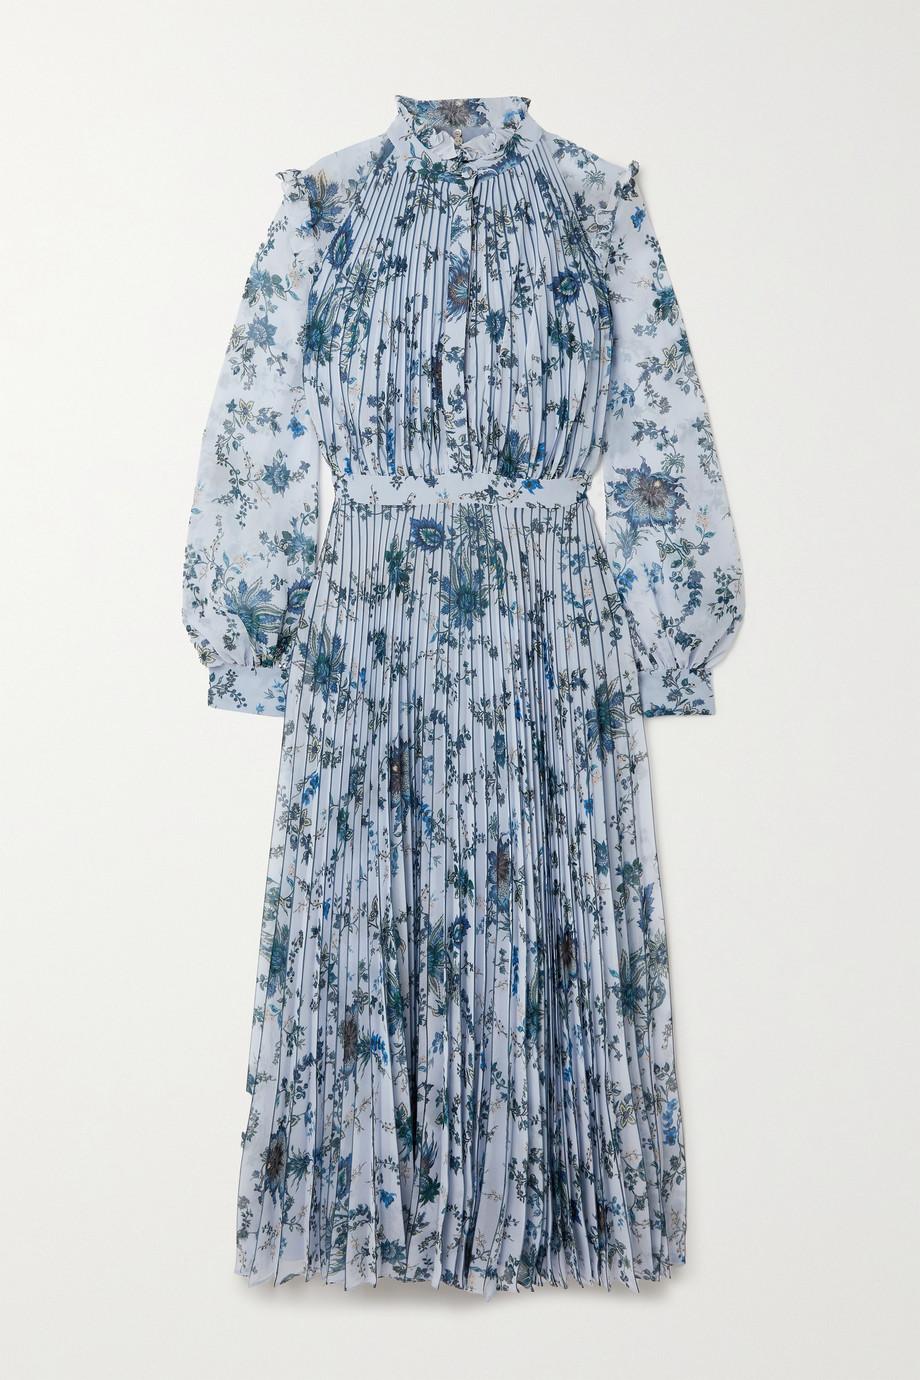 Erdem Robe midi plissée en voile à imprimé fleuri Narella Hogarth